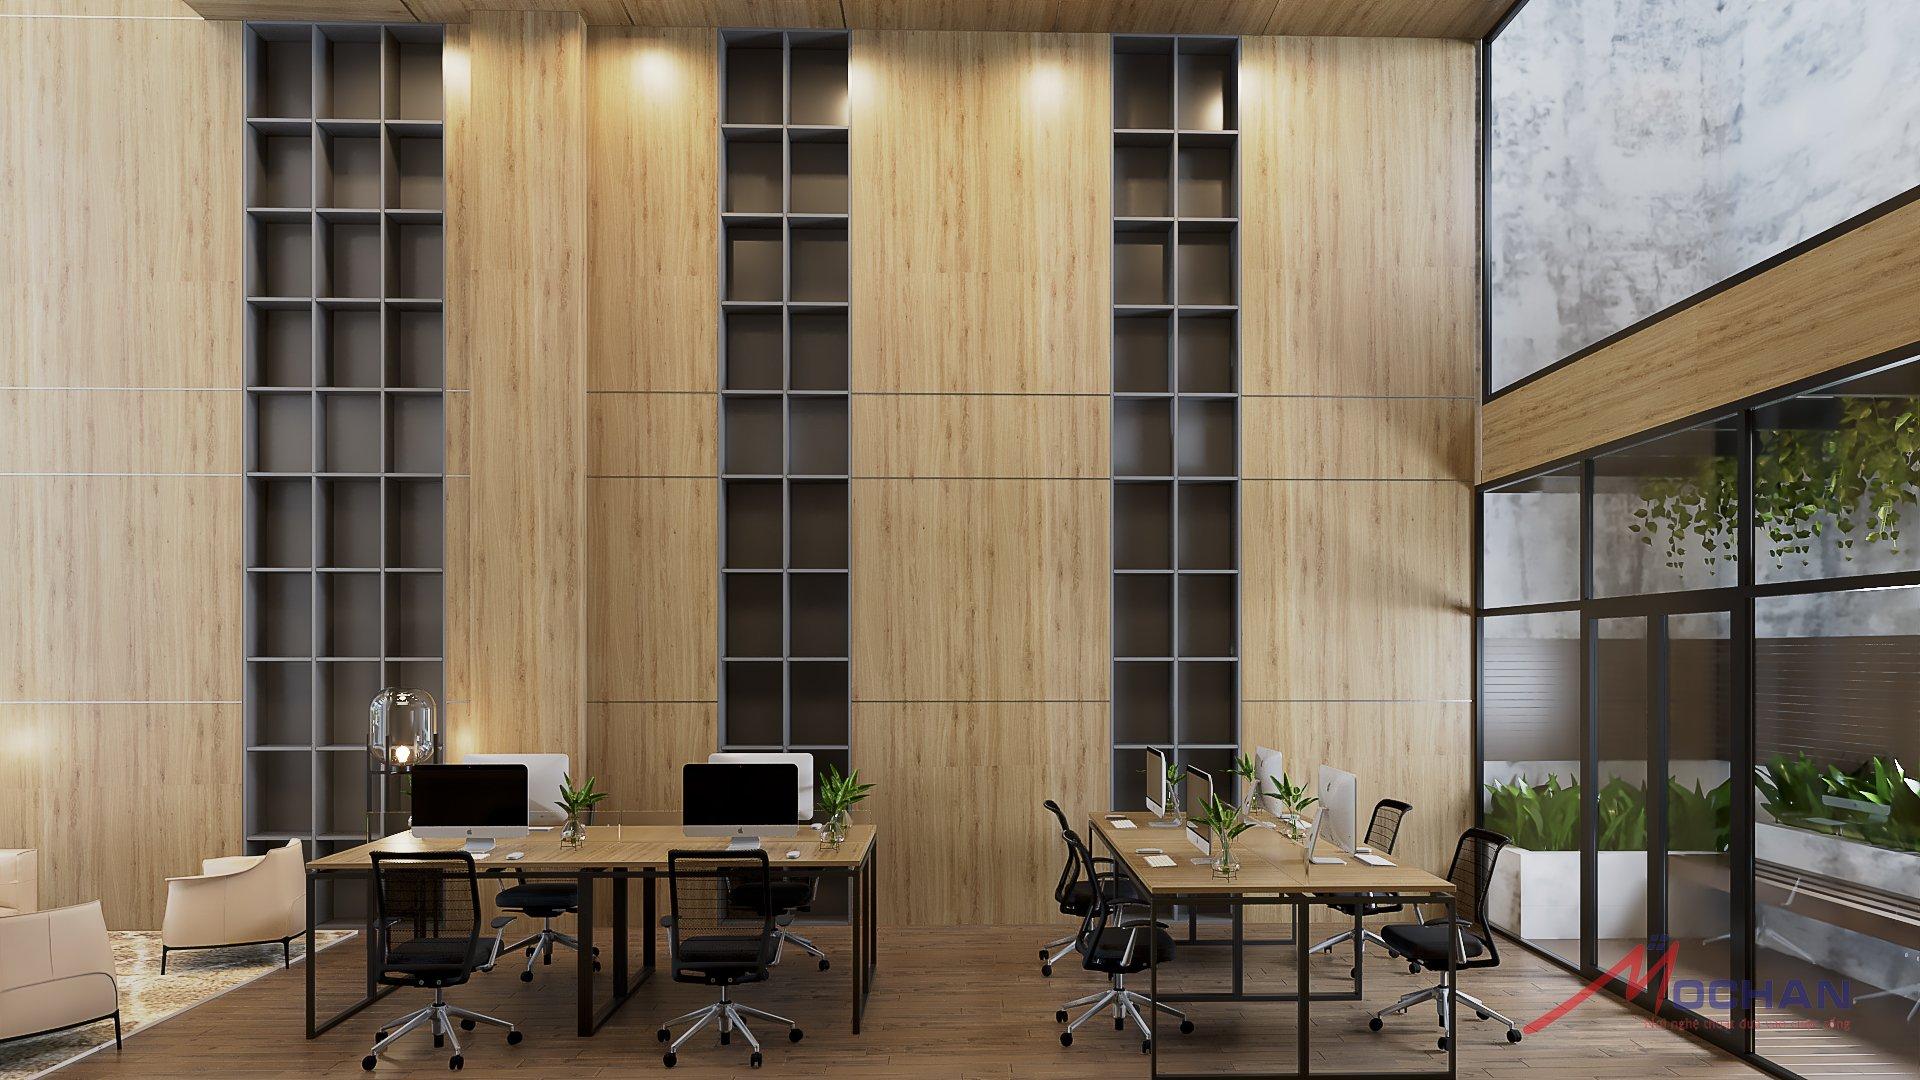 Sự kết hộ giữa khối vuông đều nhau xen giữa màu gỗ nhẹ tạo nên sự sang trọng cho văn phòng